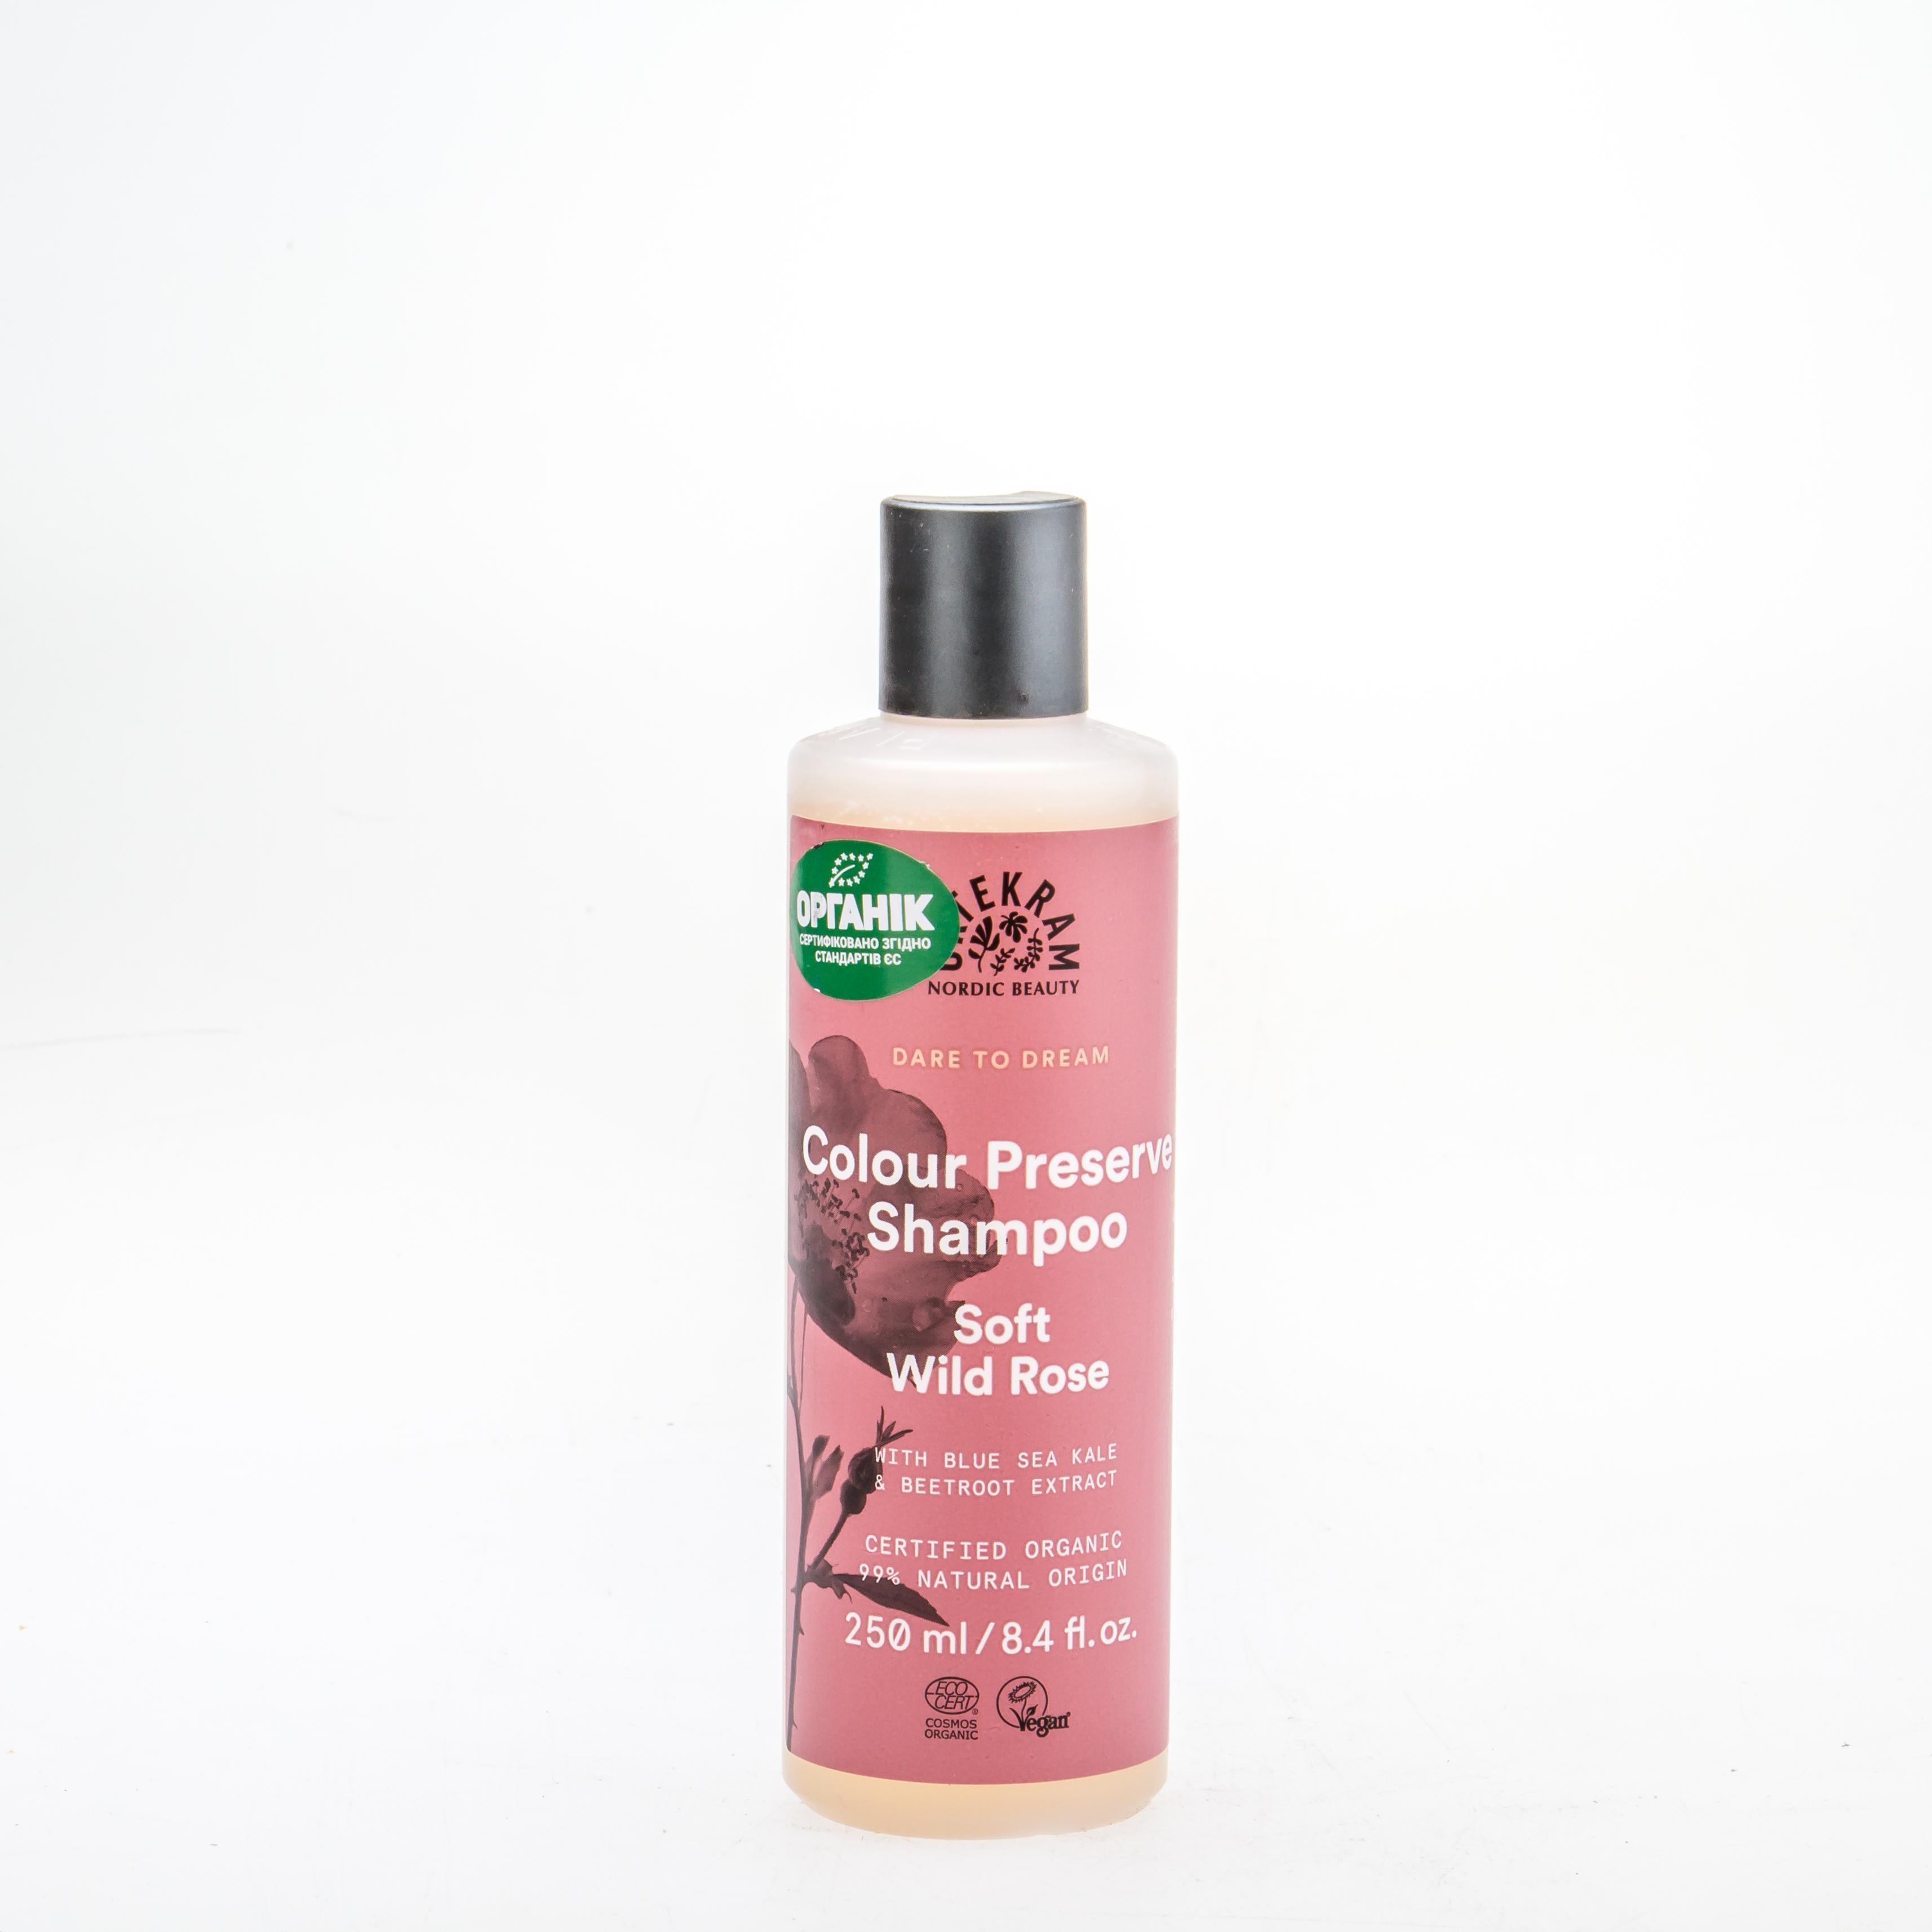 Органічний шампунь Дика Троянда, 250 мл - купить в интернет-магазине Юнимед